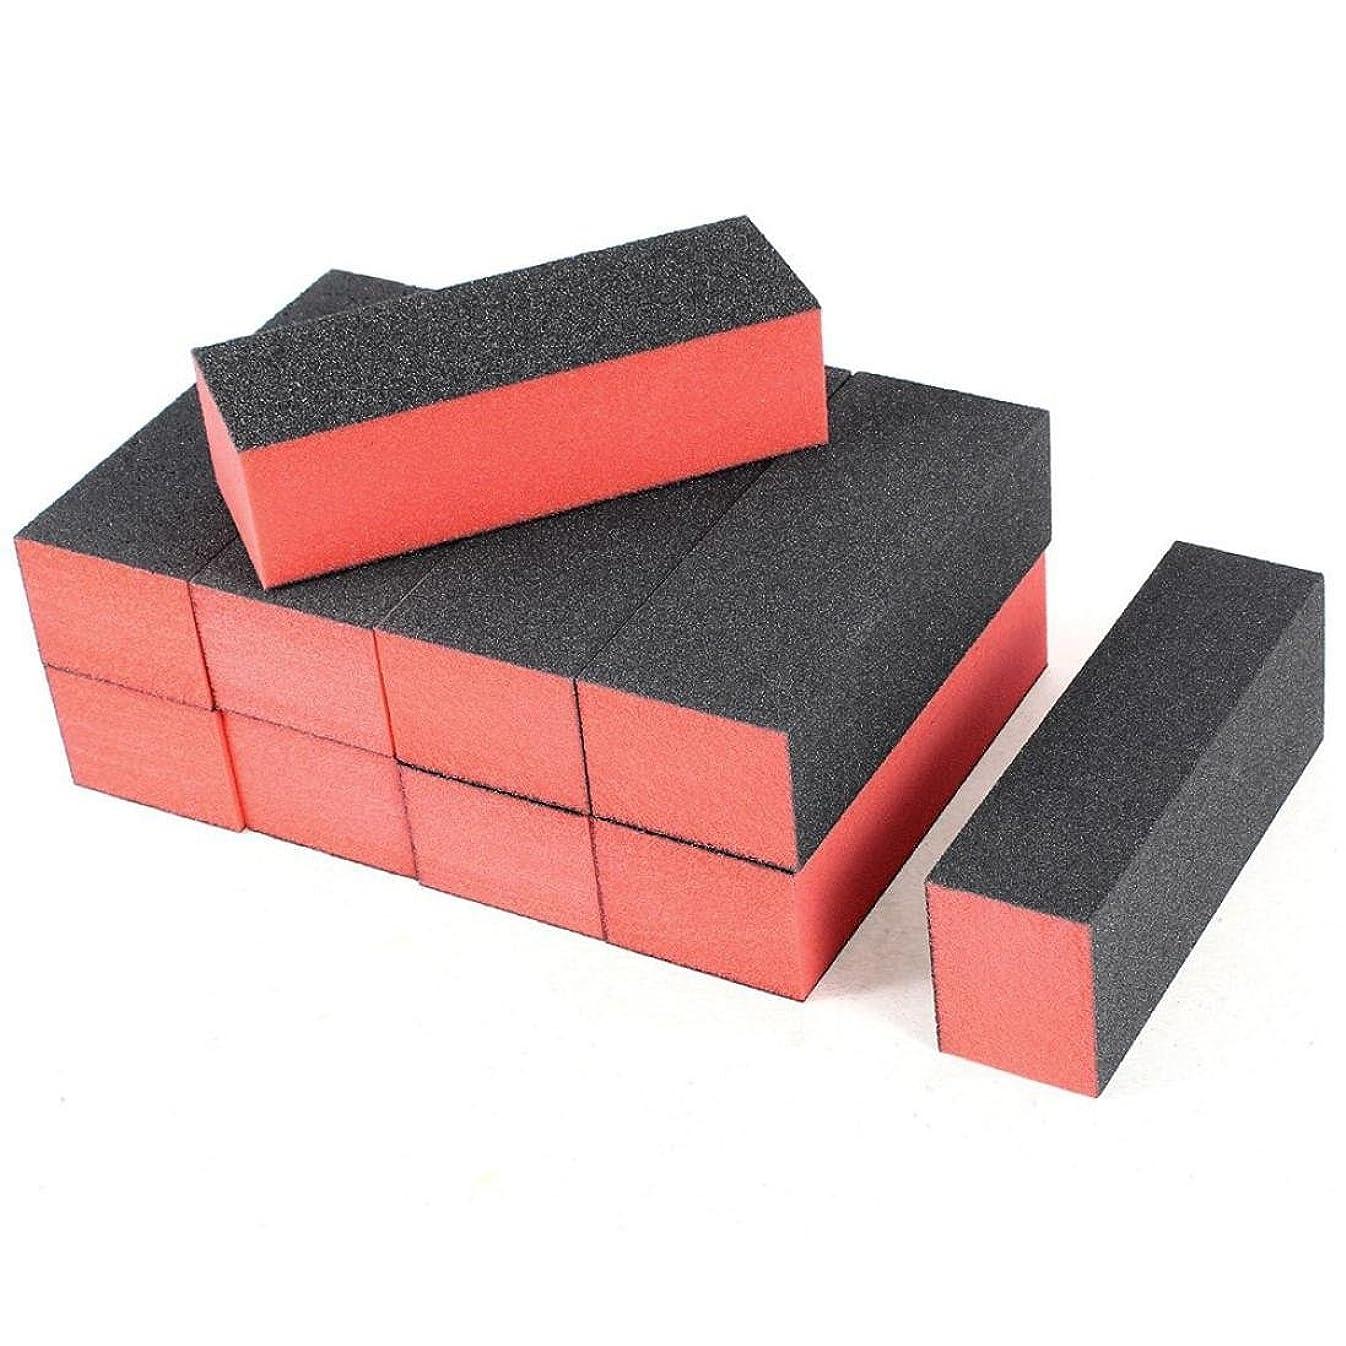 珍味同等の中級SakuraBest 10PC Nail Art Care Buffer Buffing Sanding Block Files